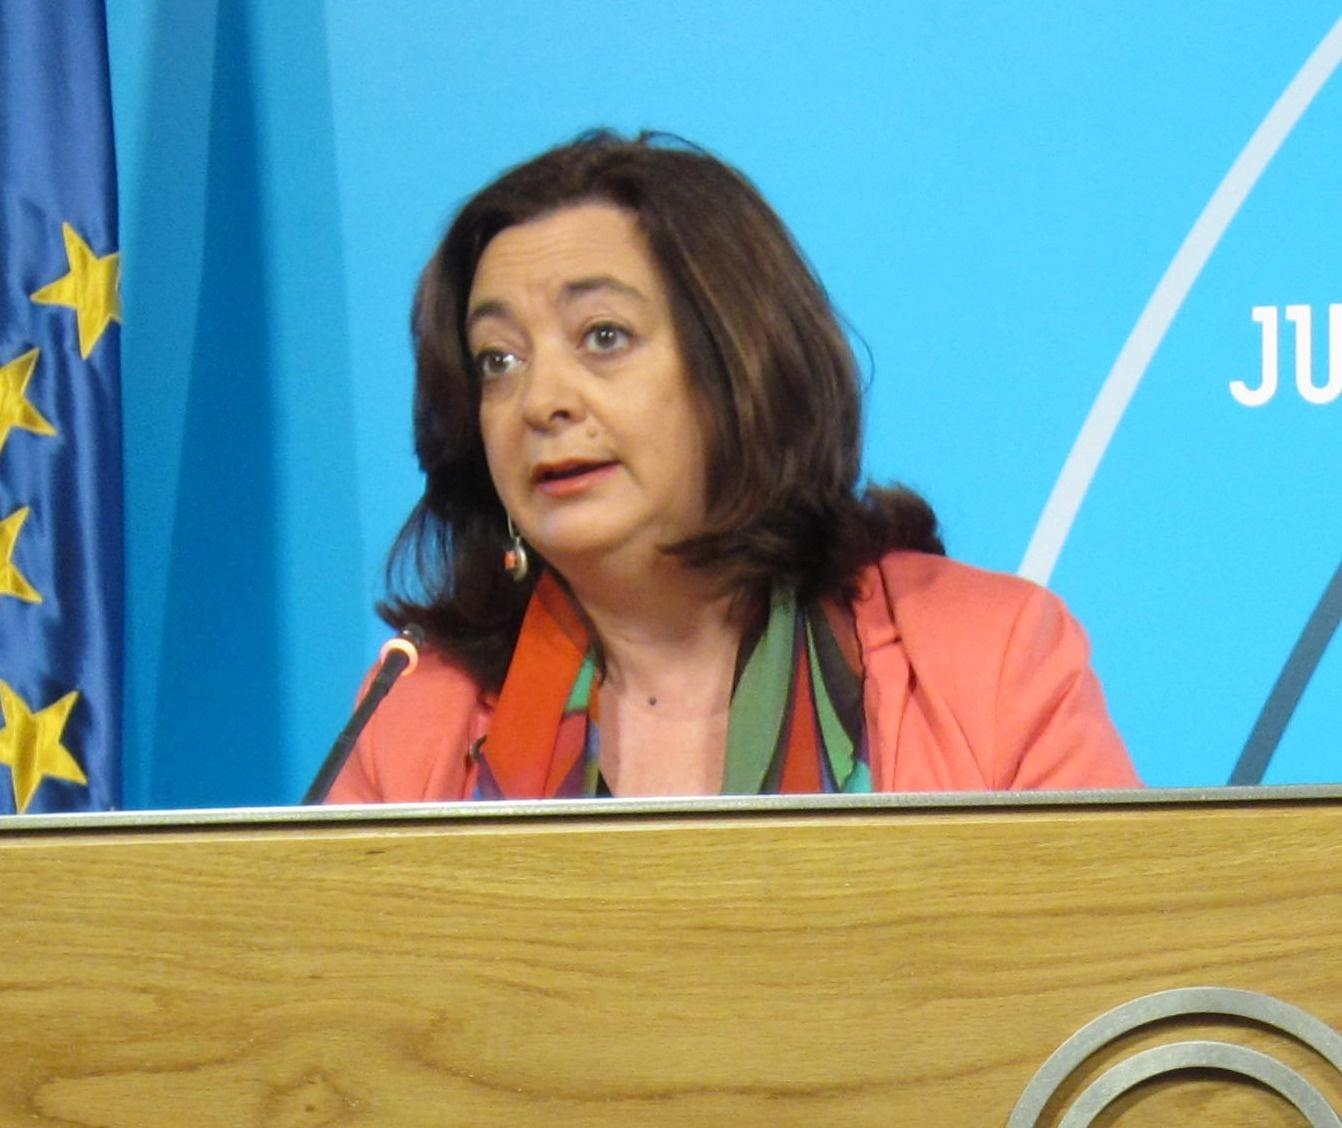 Junta recuerda, ante «conflicto» en RTVA, que directrices del Gobierno prohíben ampliación de plantillas